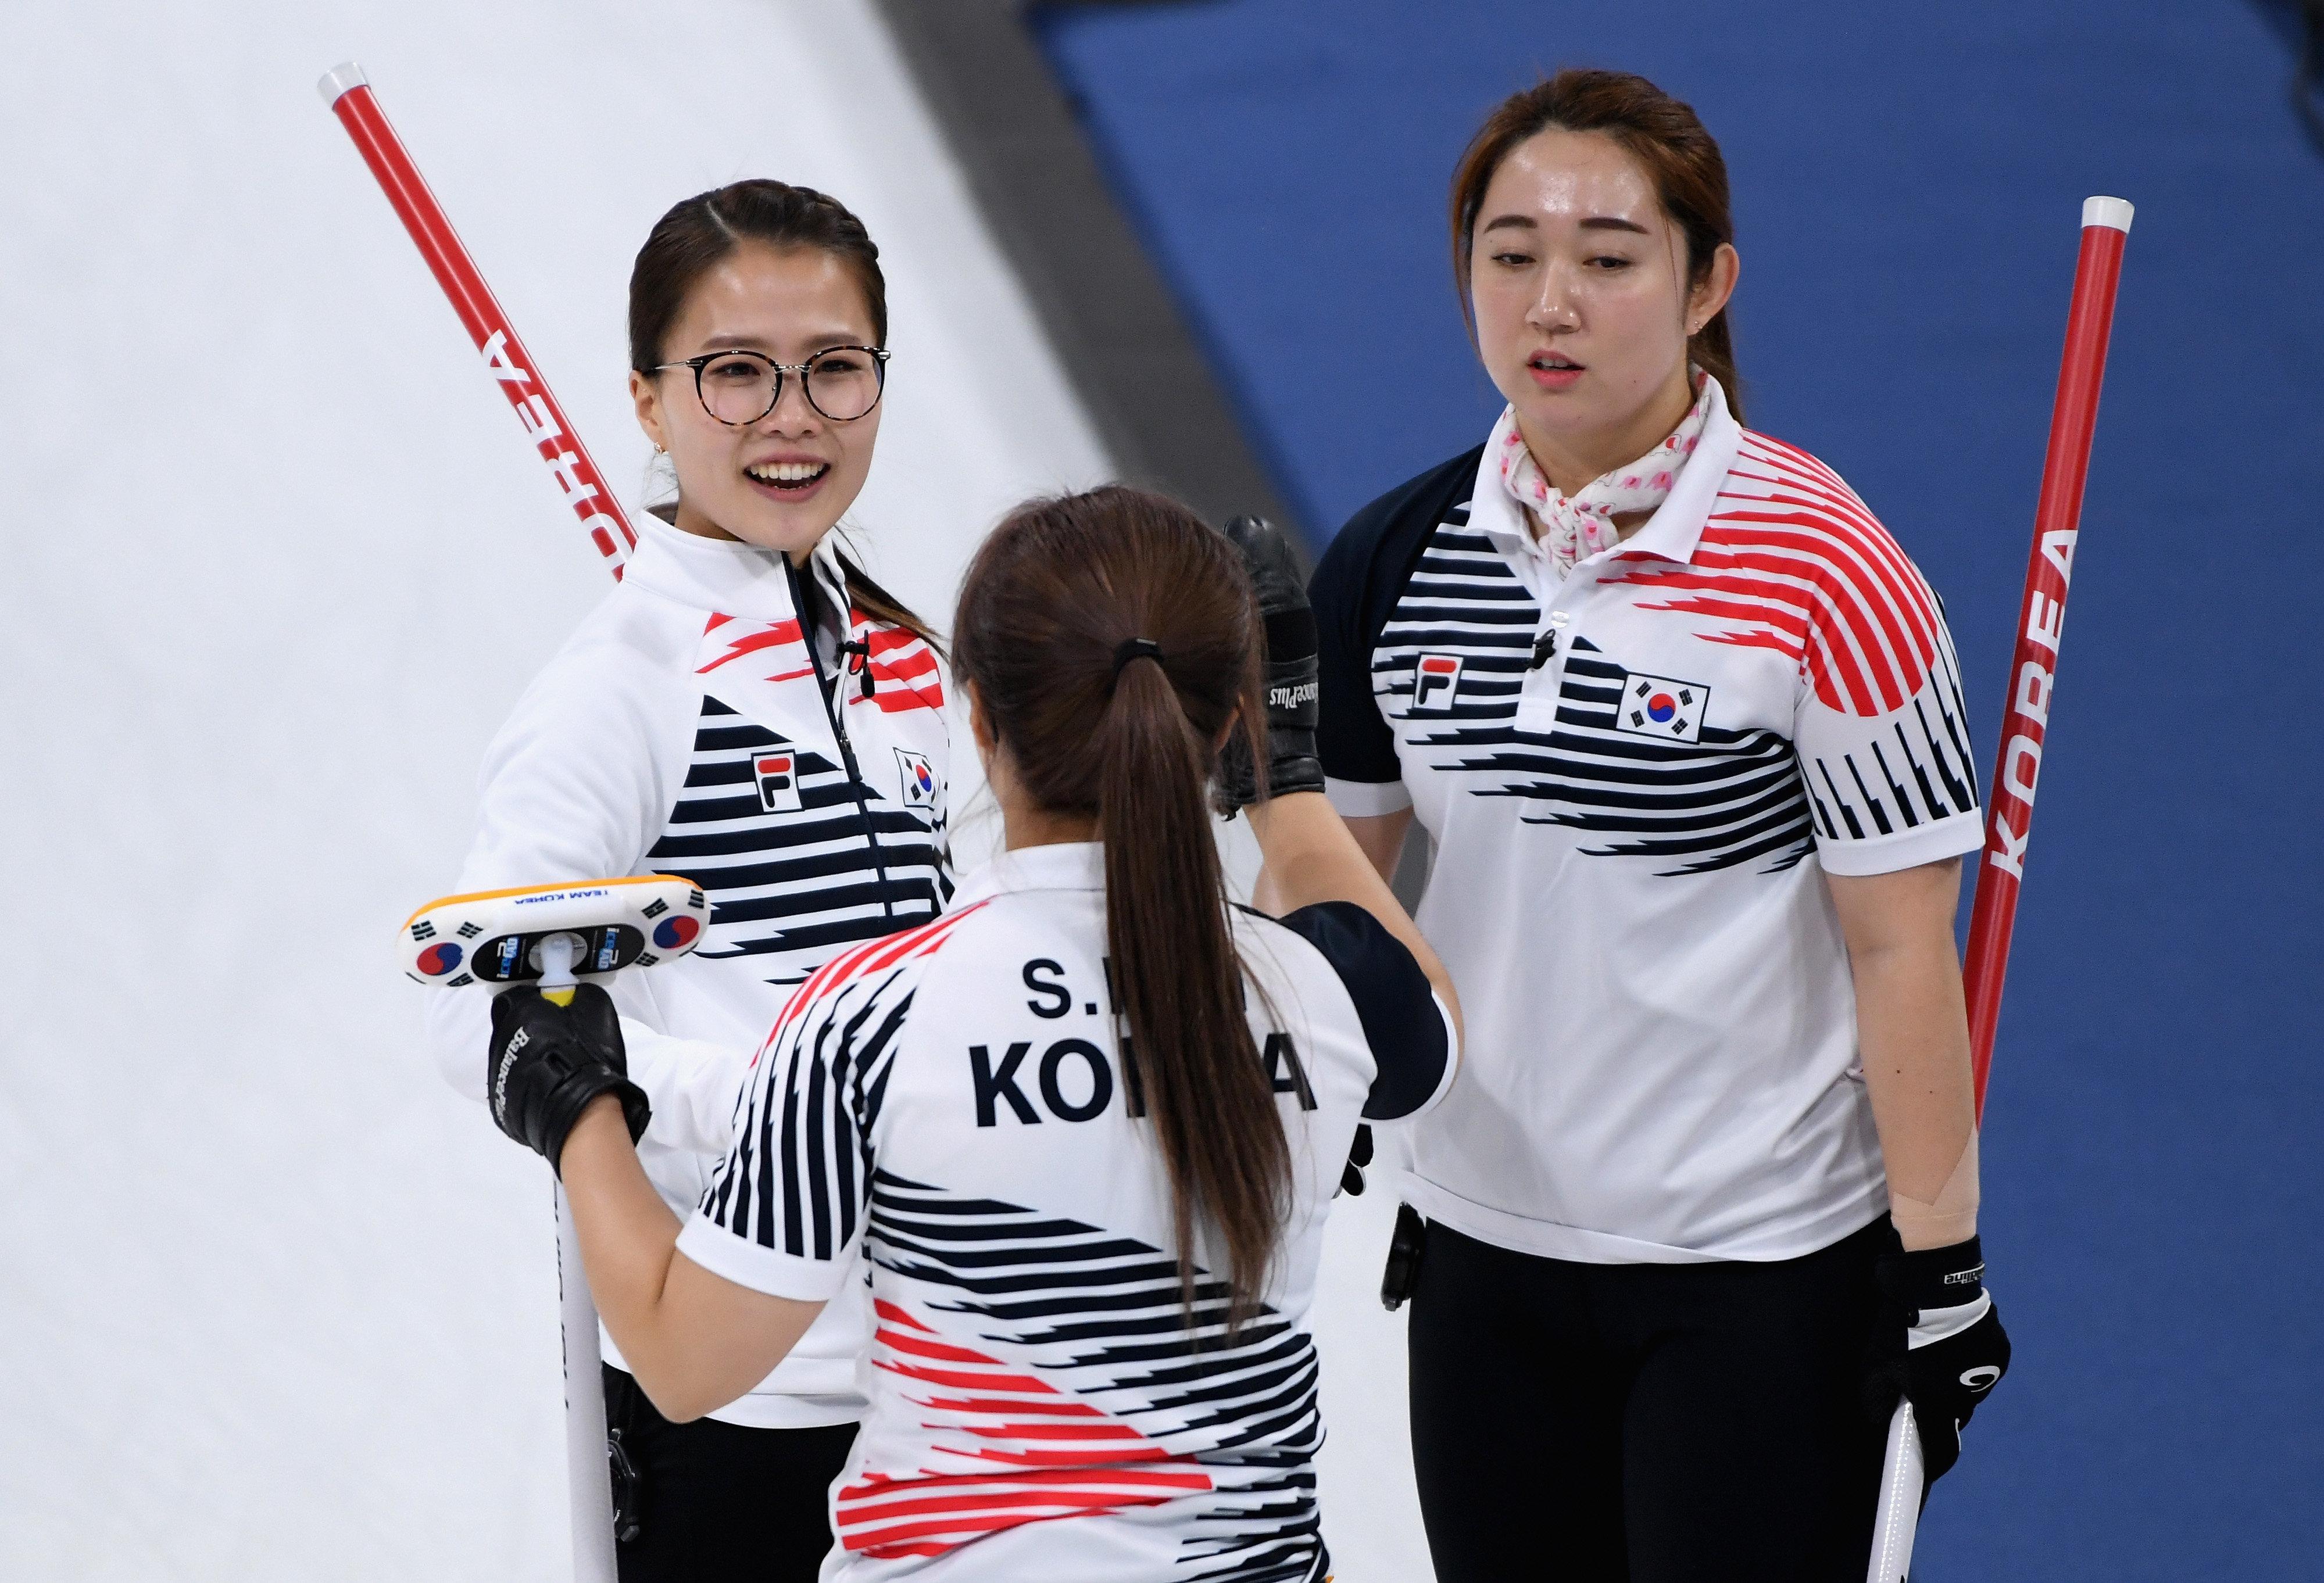 여자 컬링이 은메달을 따며 올림픽을